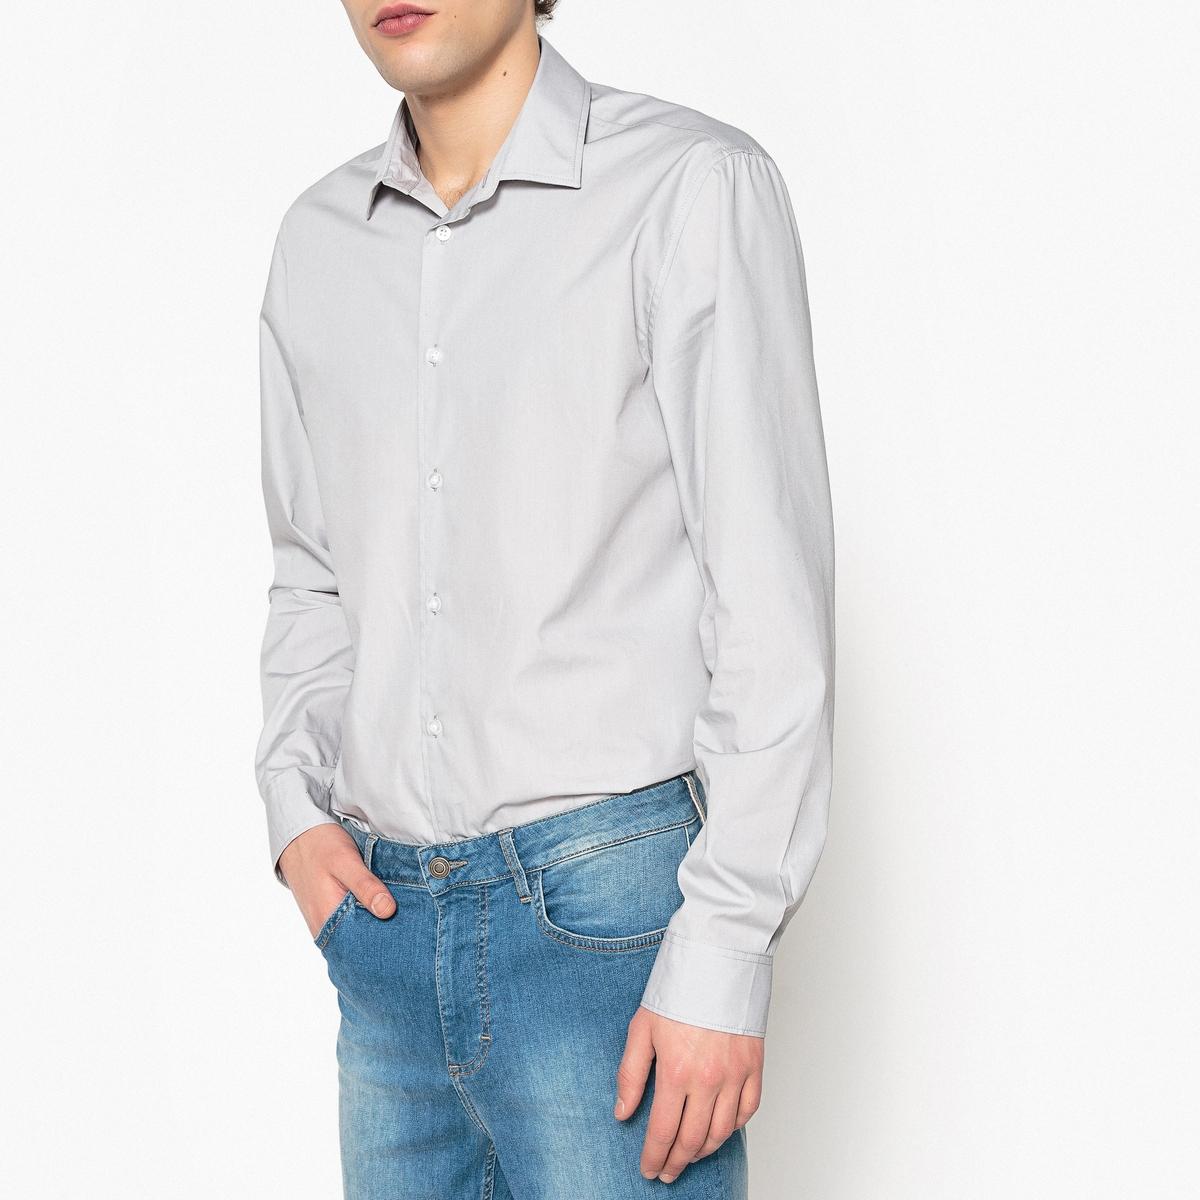 Рубашка прямого покрояРубашка с длинными рукавами. Стандартный (прямой) покрой. Классический воротник со свободными кончиками. Легкая глажка.Состав и описание : Материал          55% хлопка, 45% полиэстераДлина       78 см Марка          R edition Уход: :Машинная стирка при 30° на деликатном режиме с вещами подобного цвета Стирка и глажка с изнаночной стороныСухая чистка и машинная сушка запрещеныГладить на низкой температуре<br><br>Цвет: серый